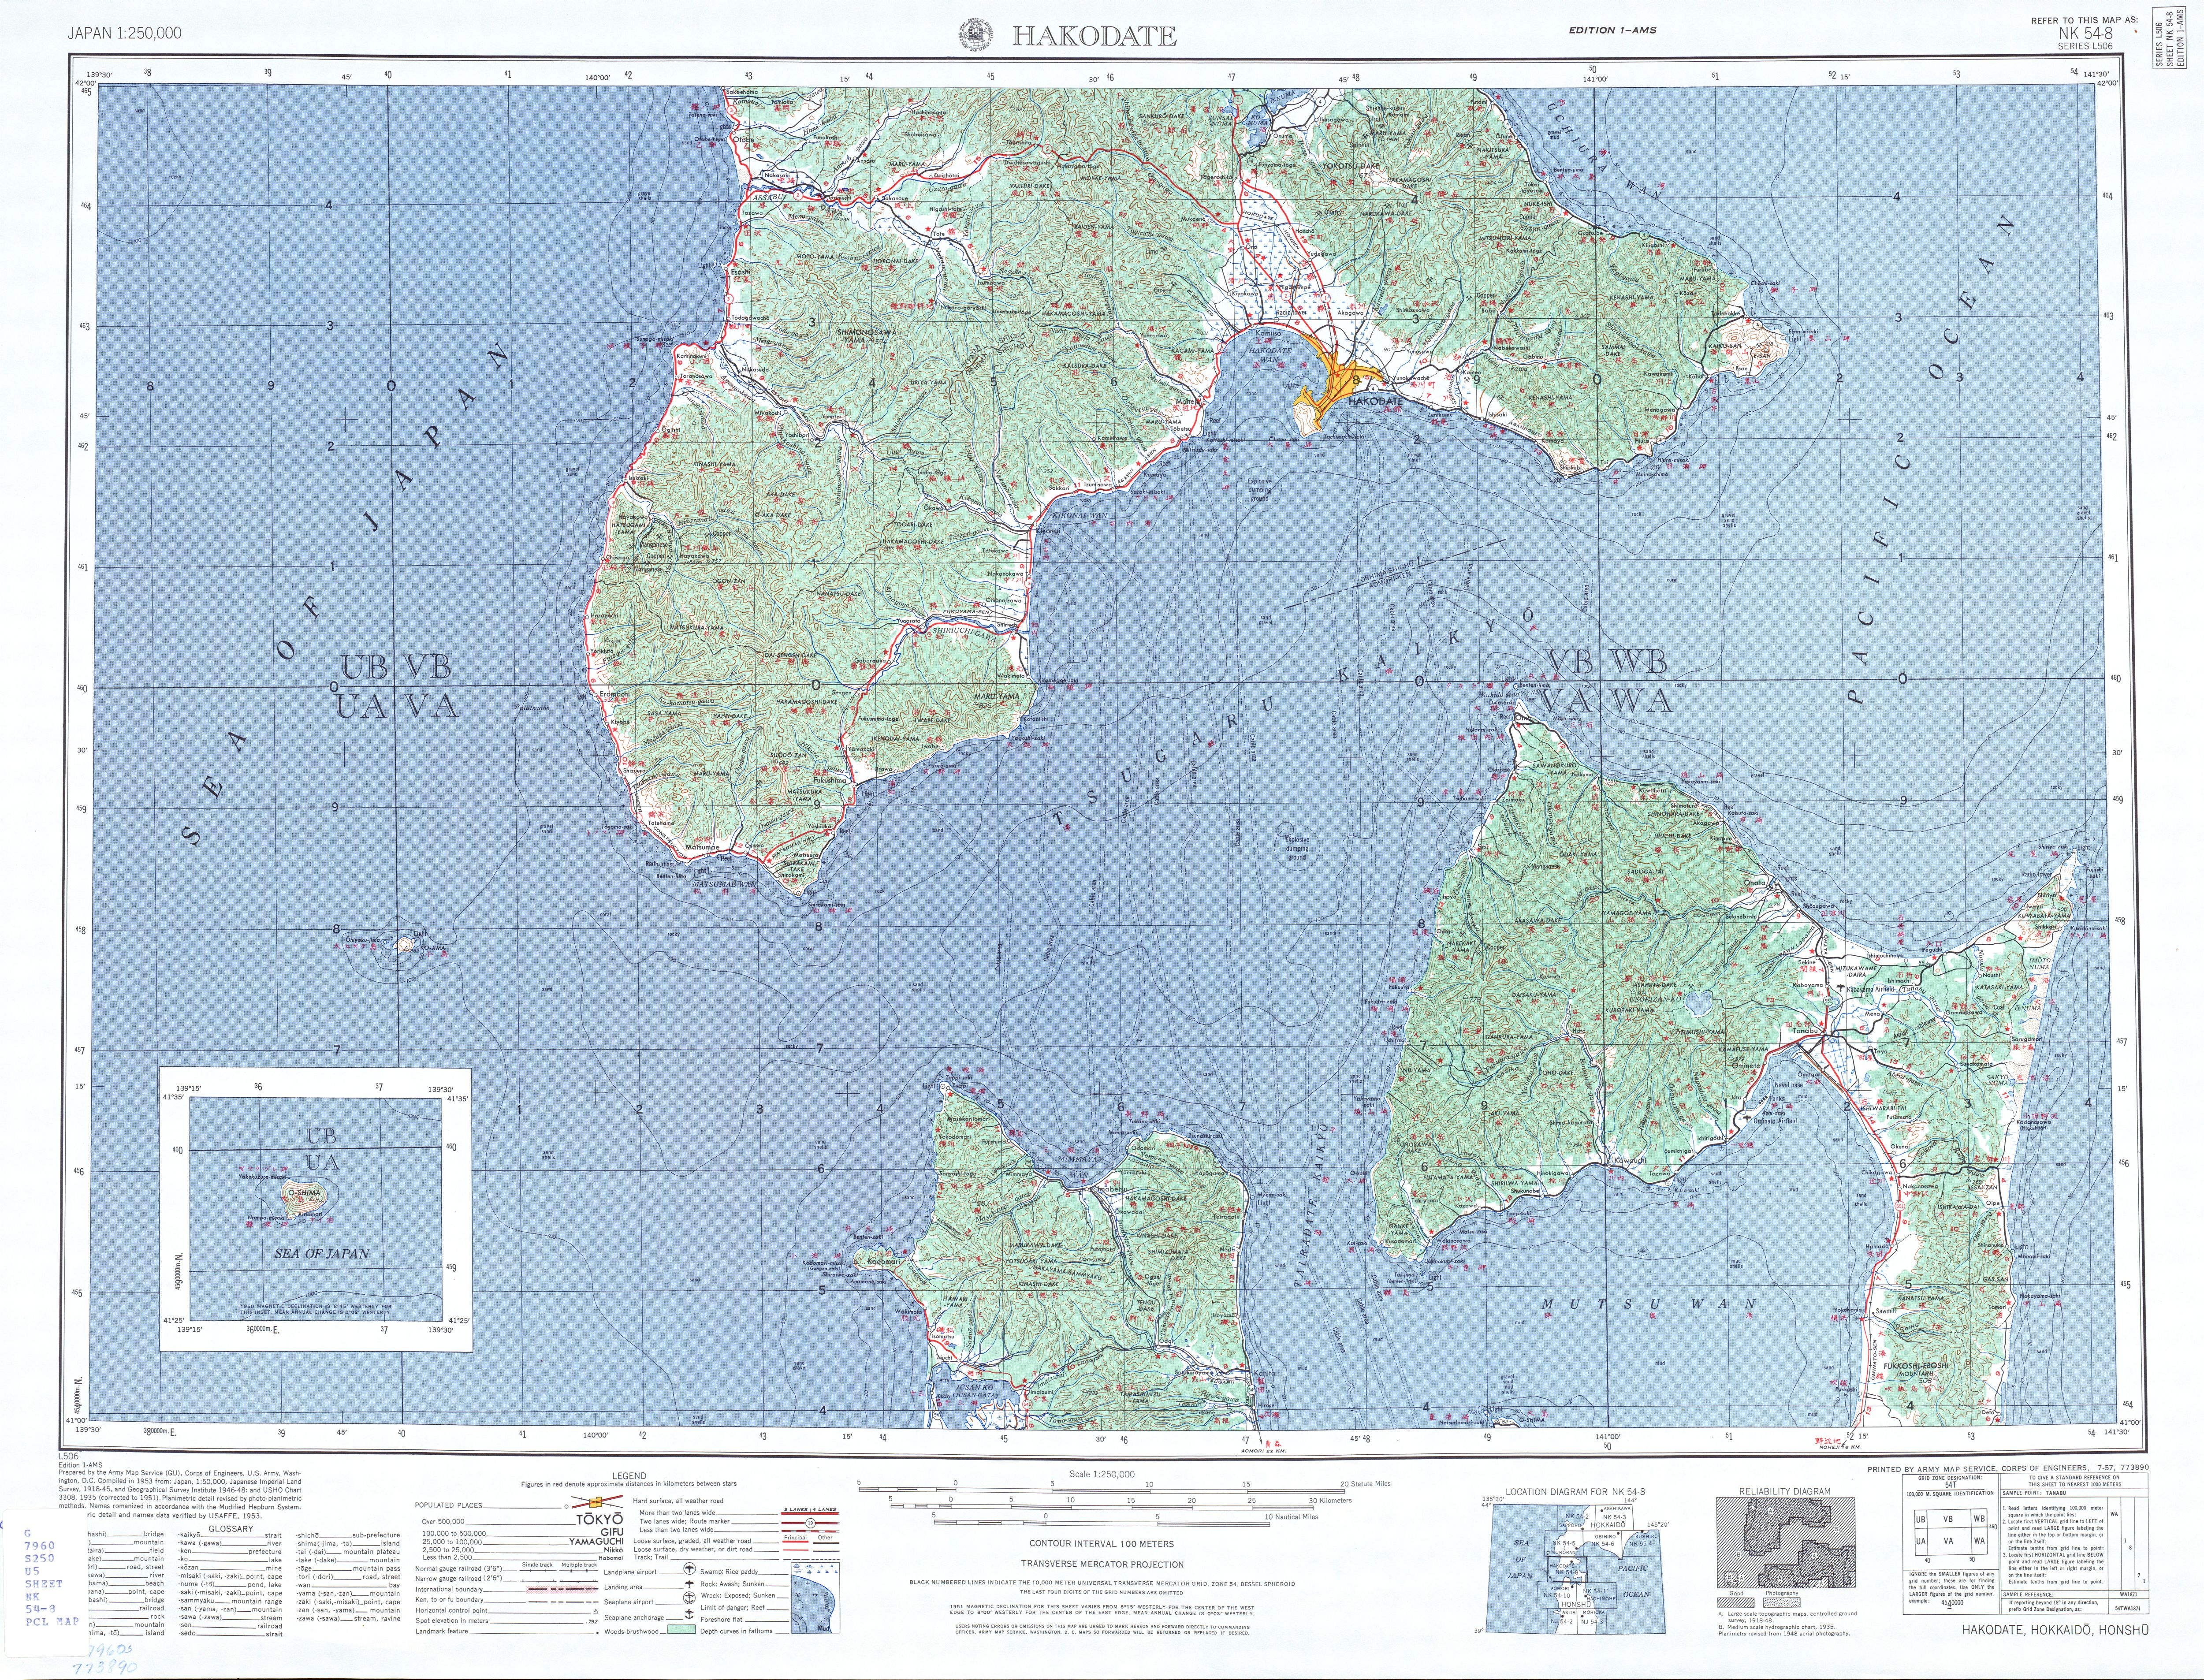 Hoja Hakodate del Mapa Topográfico de Japón 1954